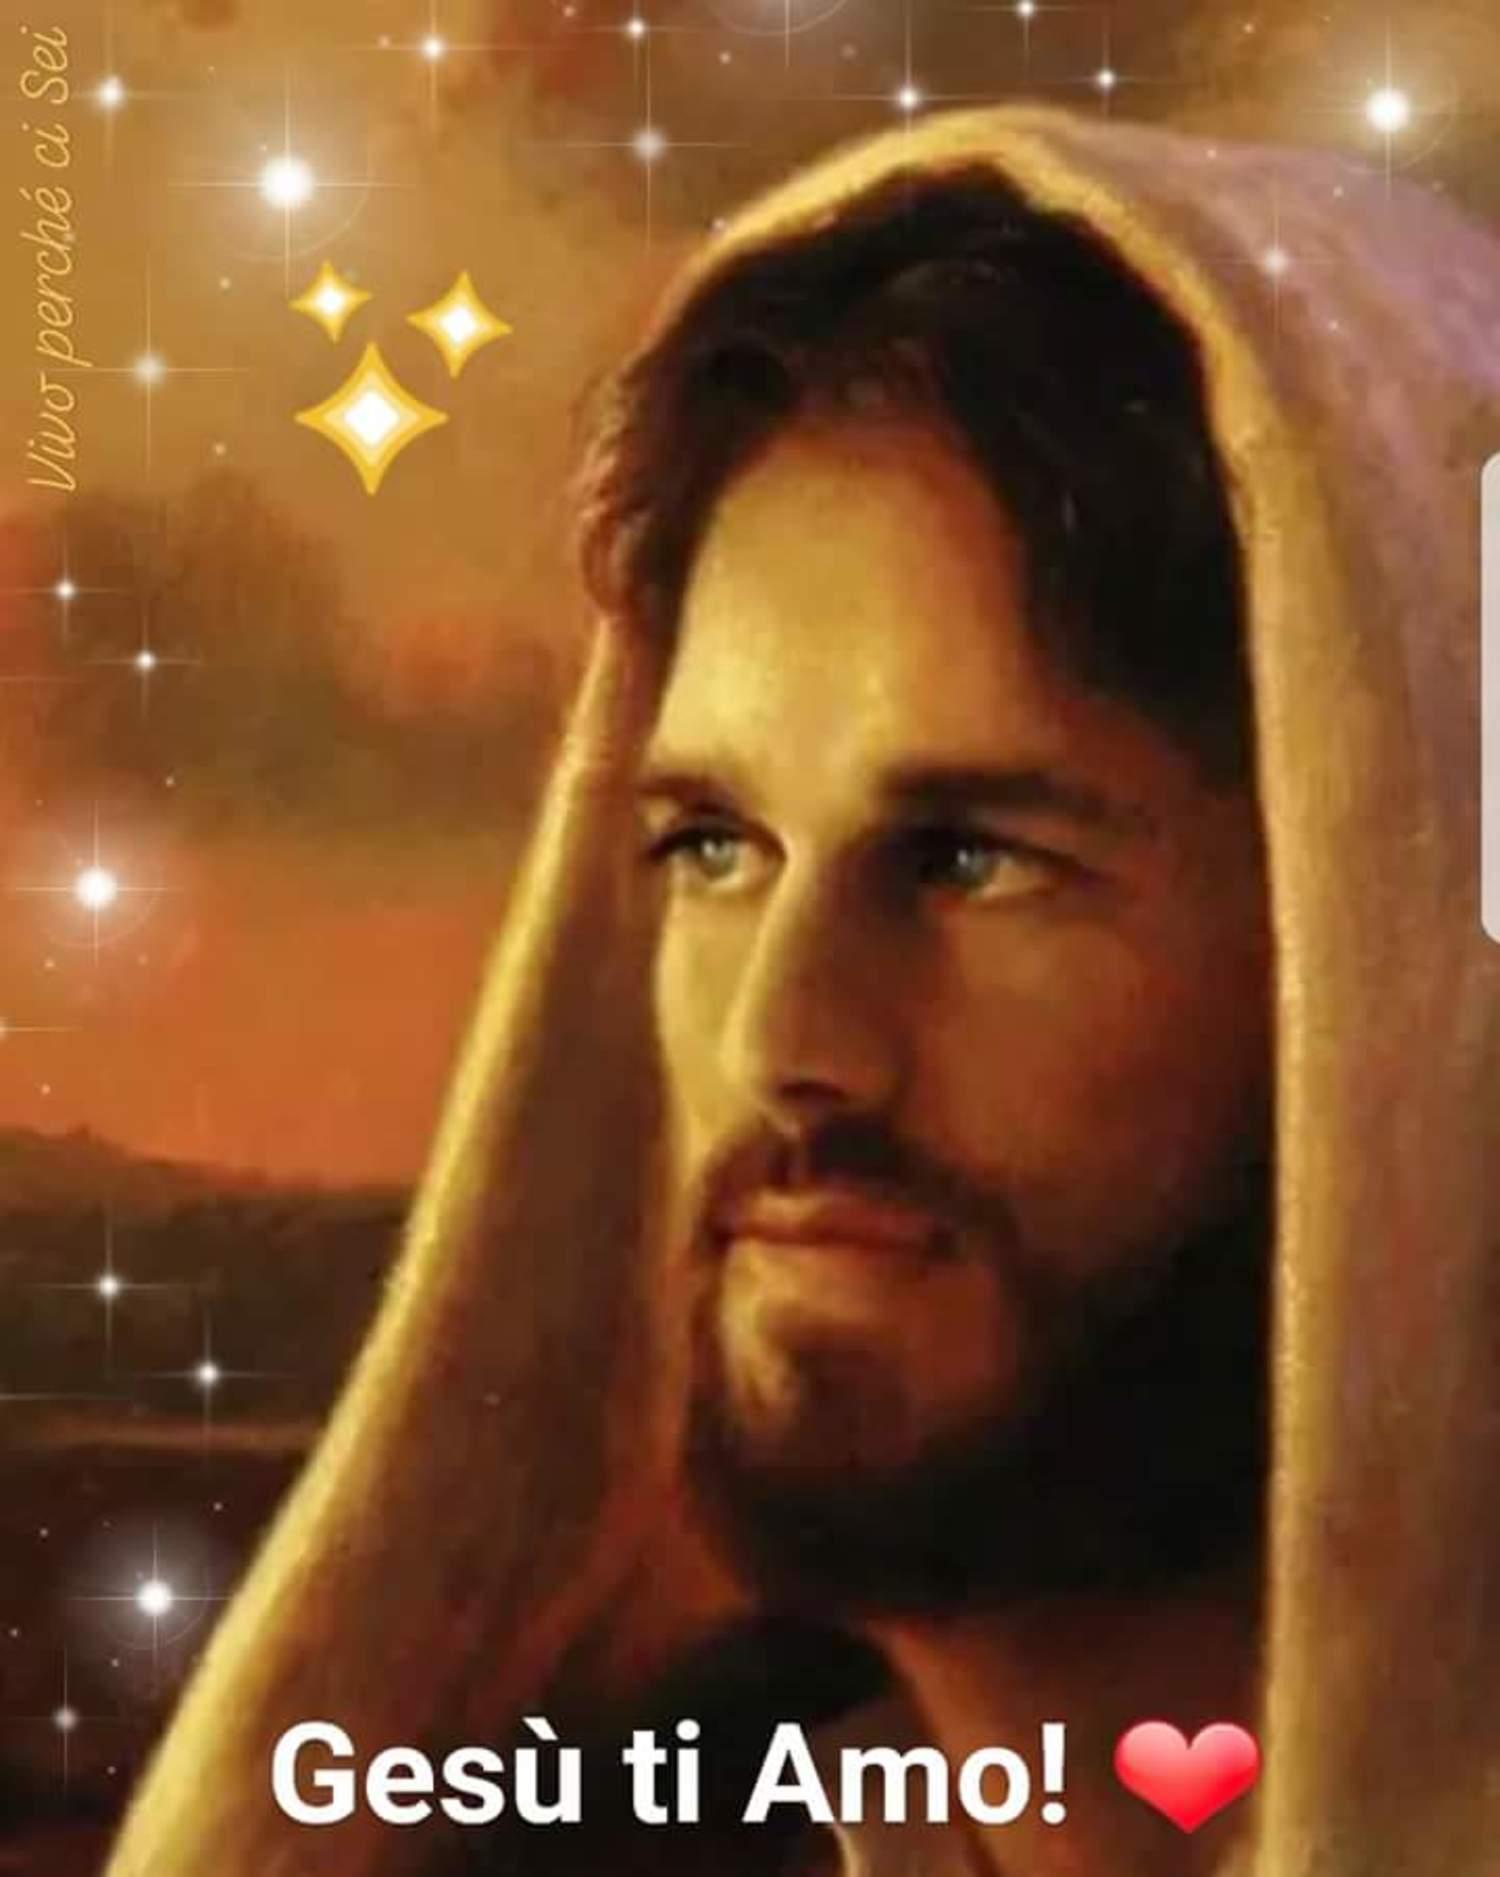 Gesù ti amo